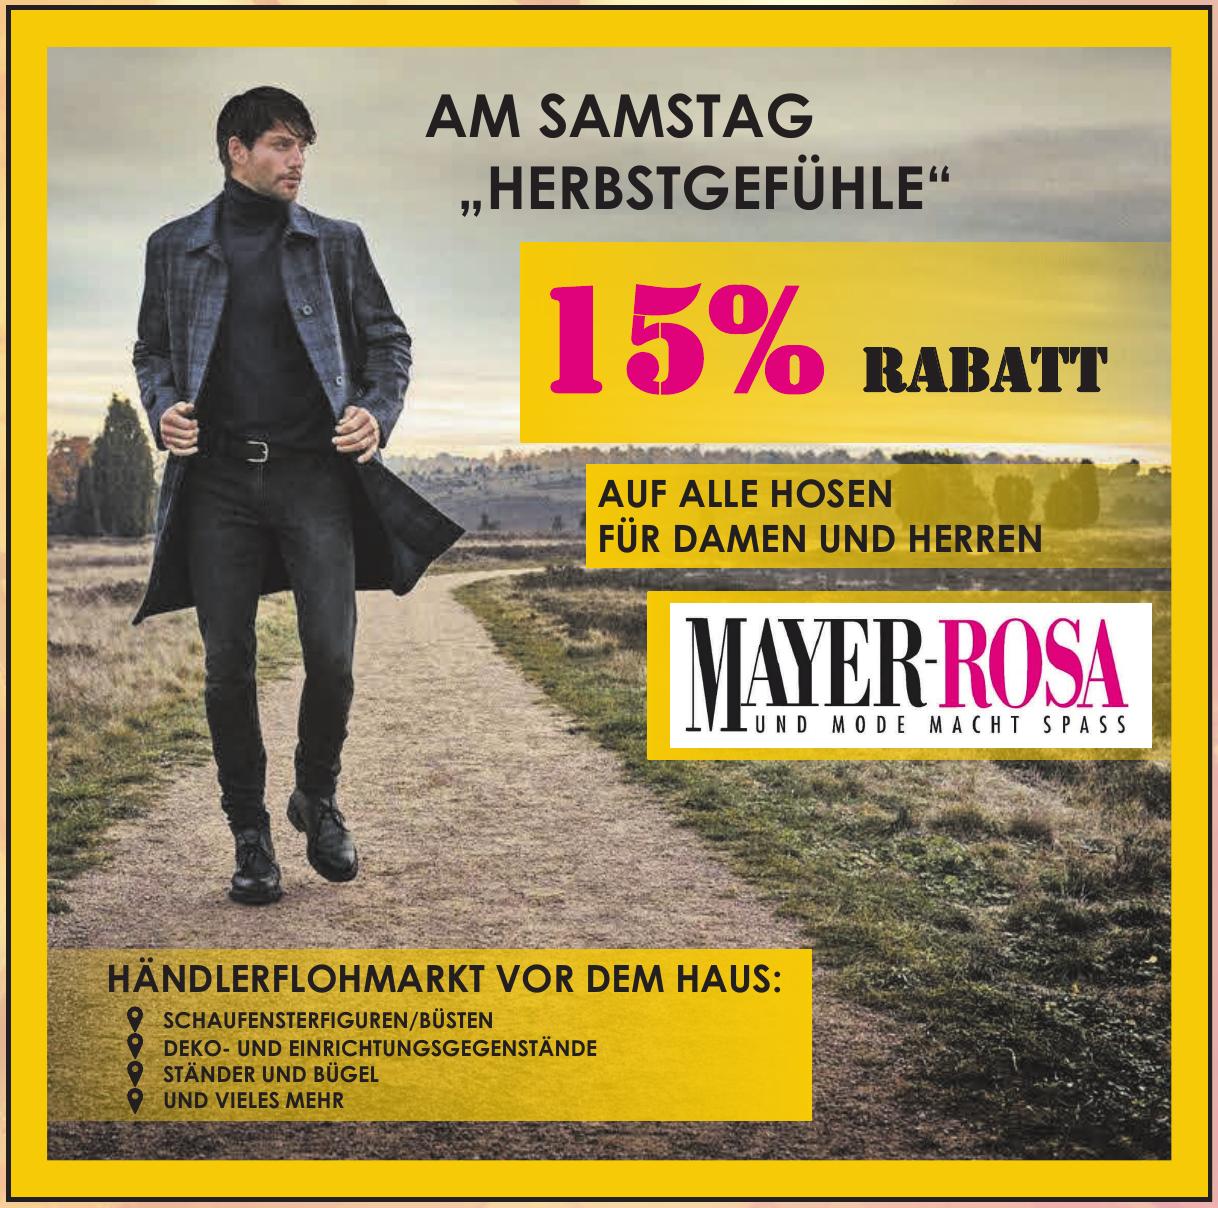 Mayer-Rosa